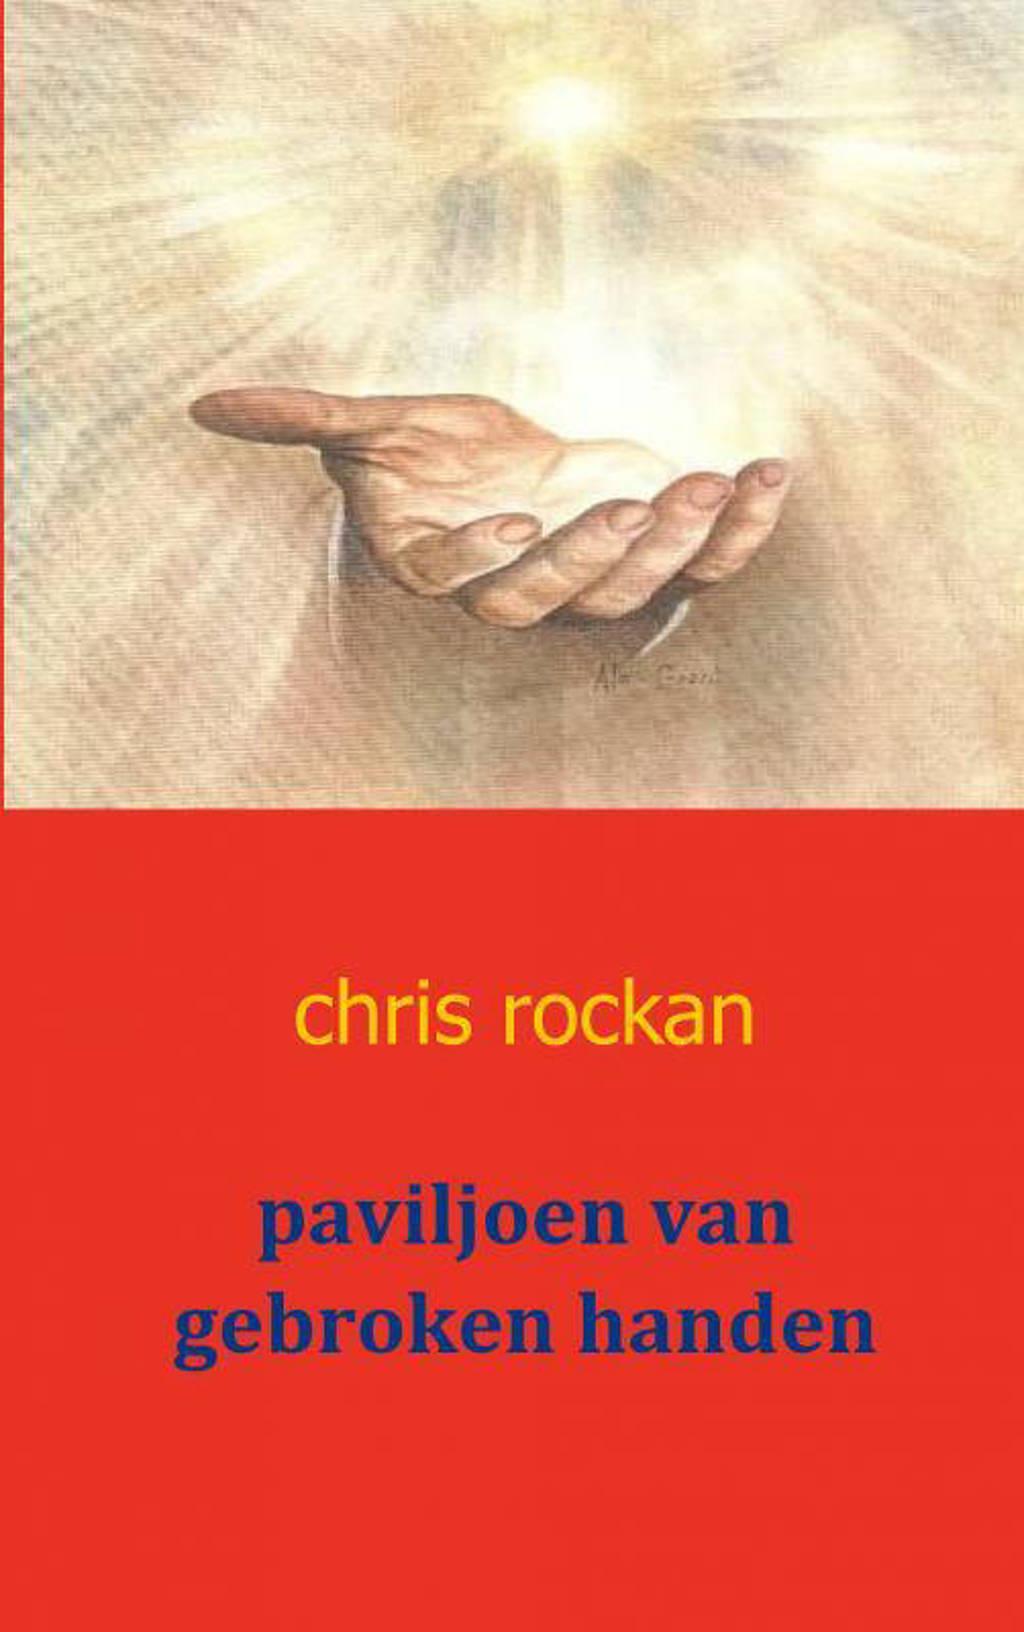 paviljoen van gebroken handen - Chris Rockan